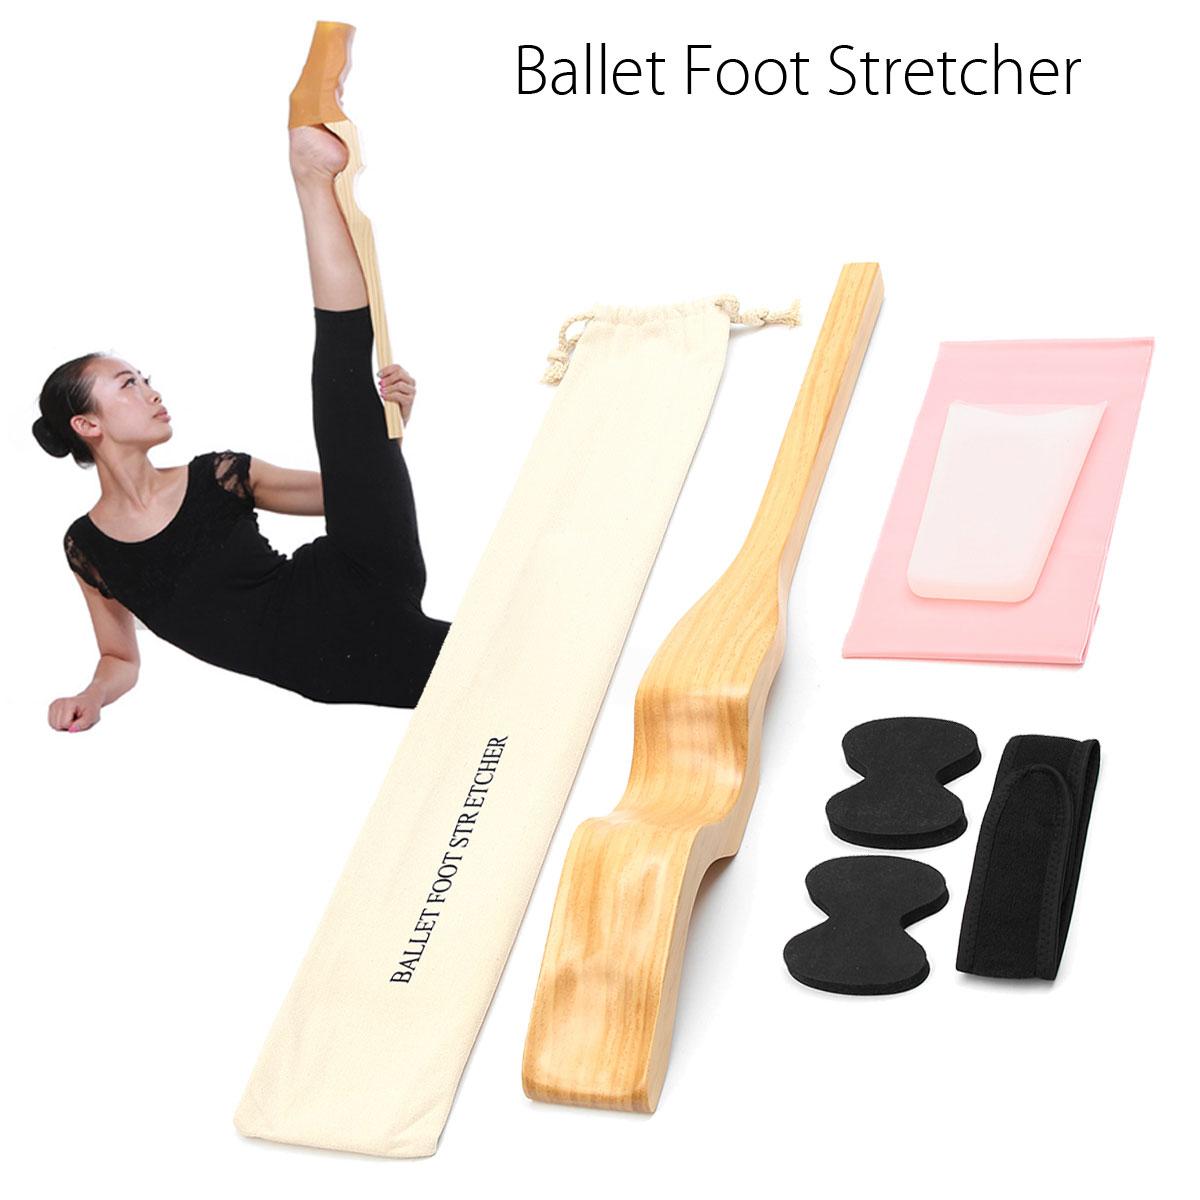 Дерево балетные костюмы Растяжка для ступней для танцора массаж, для женщин леди танцы деревянный Arch Enhancer с натяжением эластичный ремешок д...